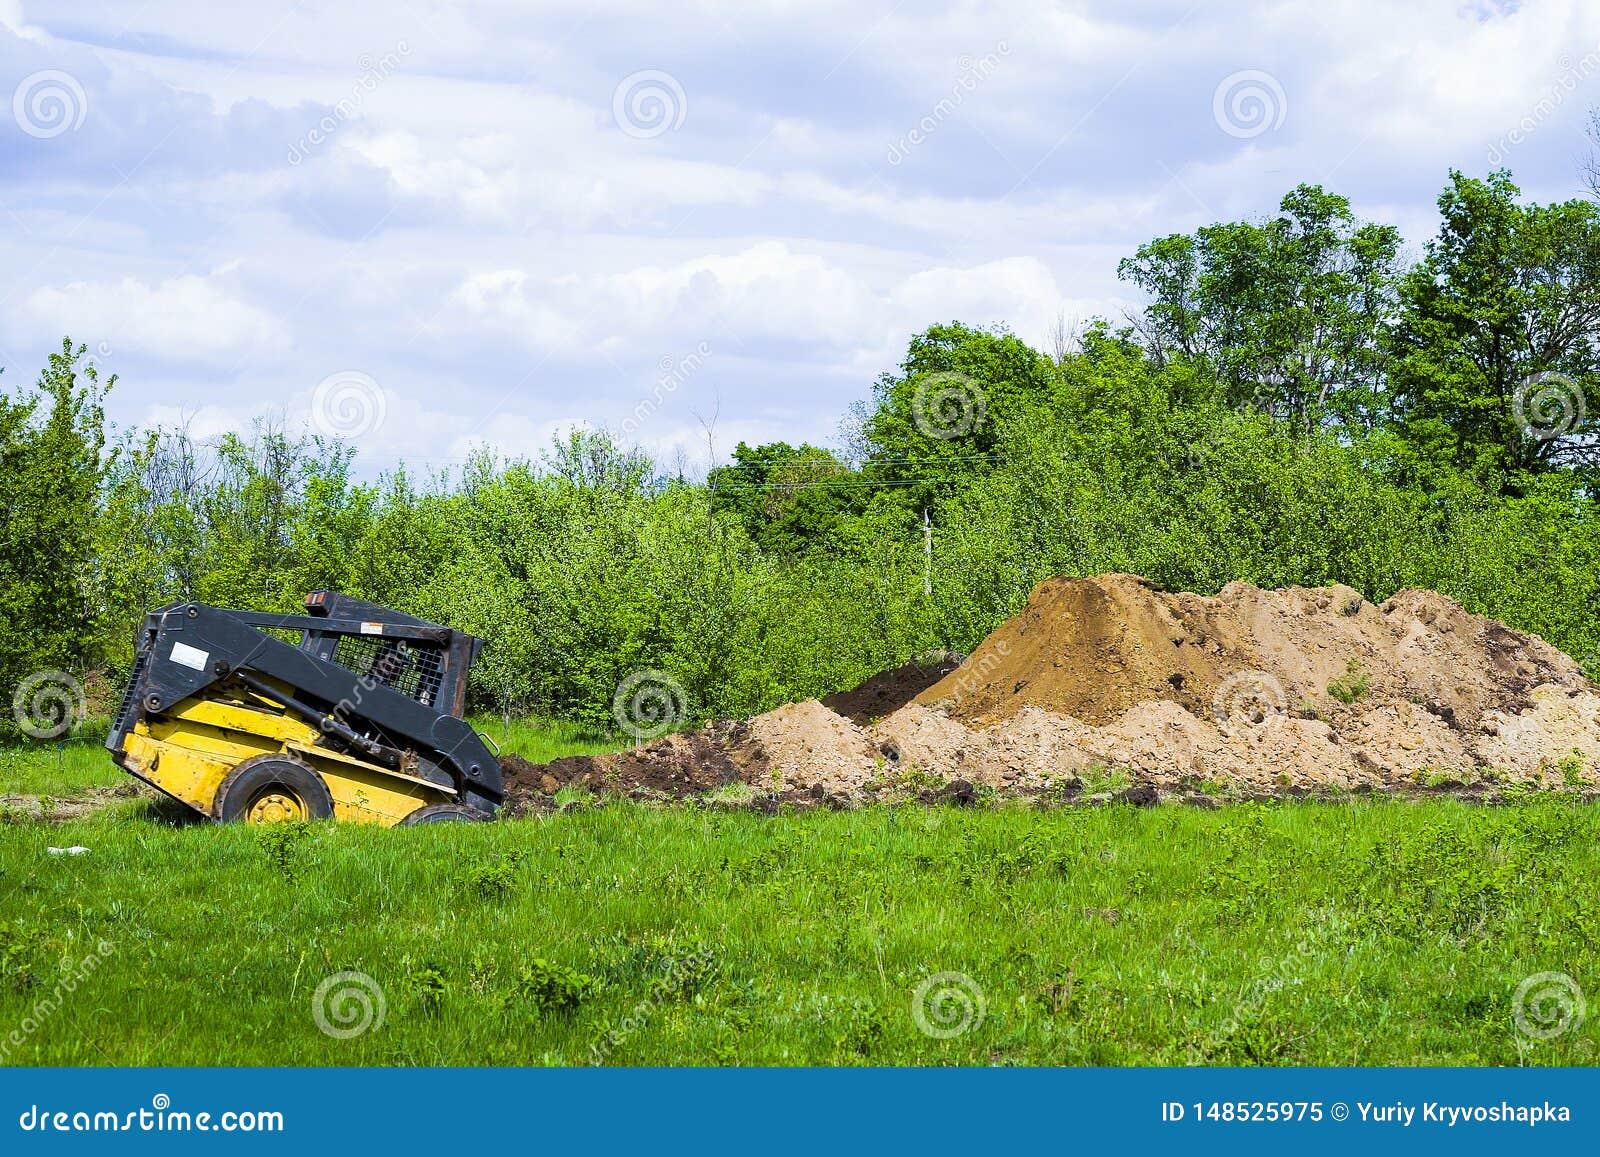 Grabende Grube des Baggers auf grasartigem Feld mit Garten auf Hintergrund